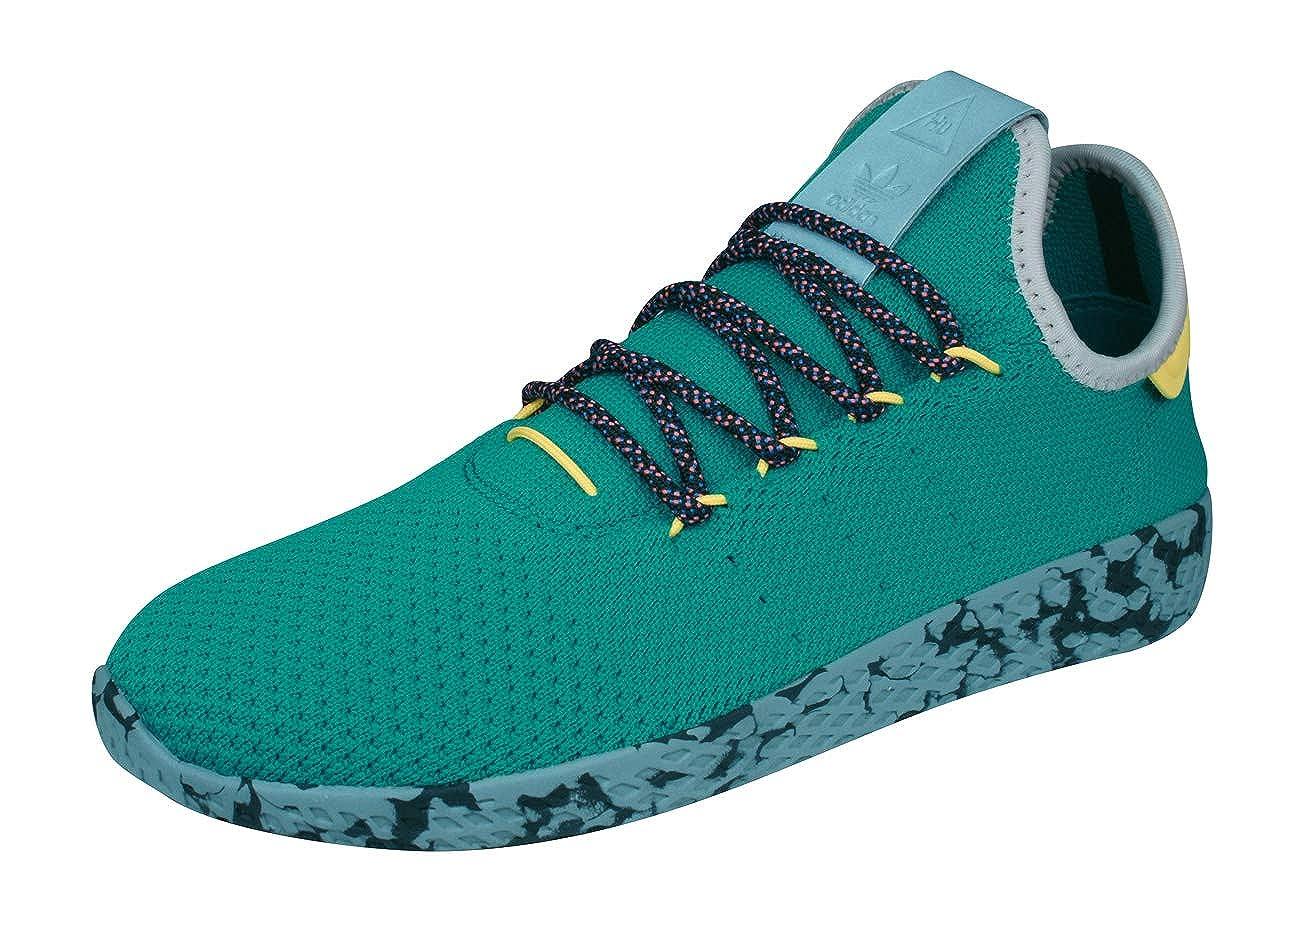 Adidas Originals Herren Pharrell Williams Tennis HU Turnschuhe Schuhe -Teal